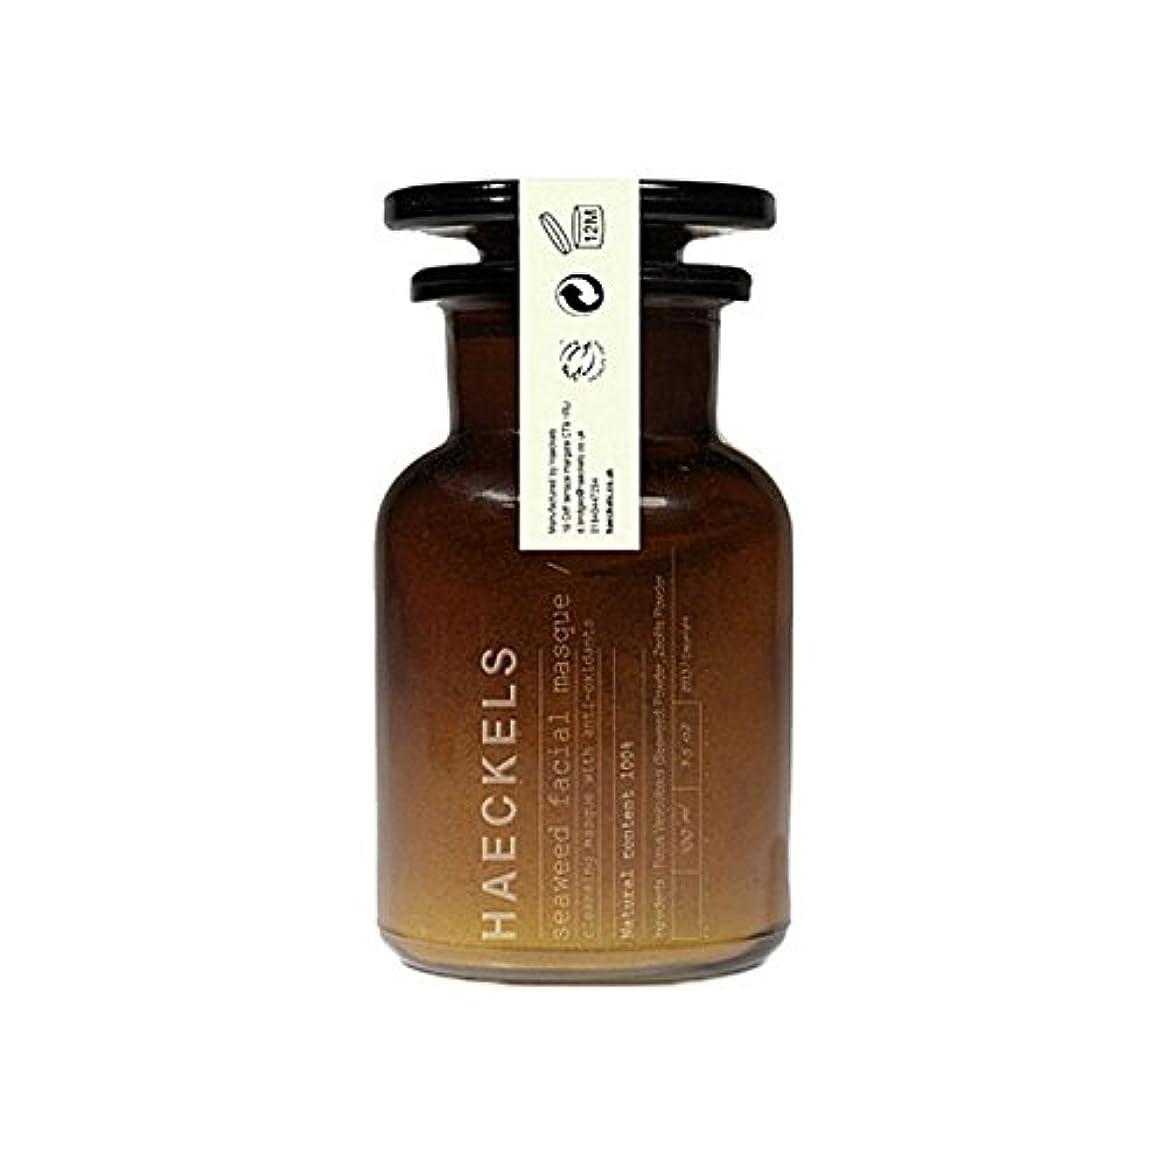 鎮静剤望むなしでHaeckels Seaweed And Mineral Face Mask 100Ml (Pack of 6) - 海藻やミネラルフェイスマスク100ミリリットルを x6 [並行輸入品]